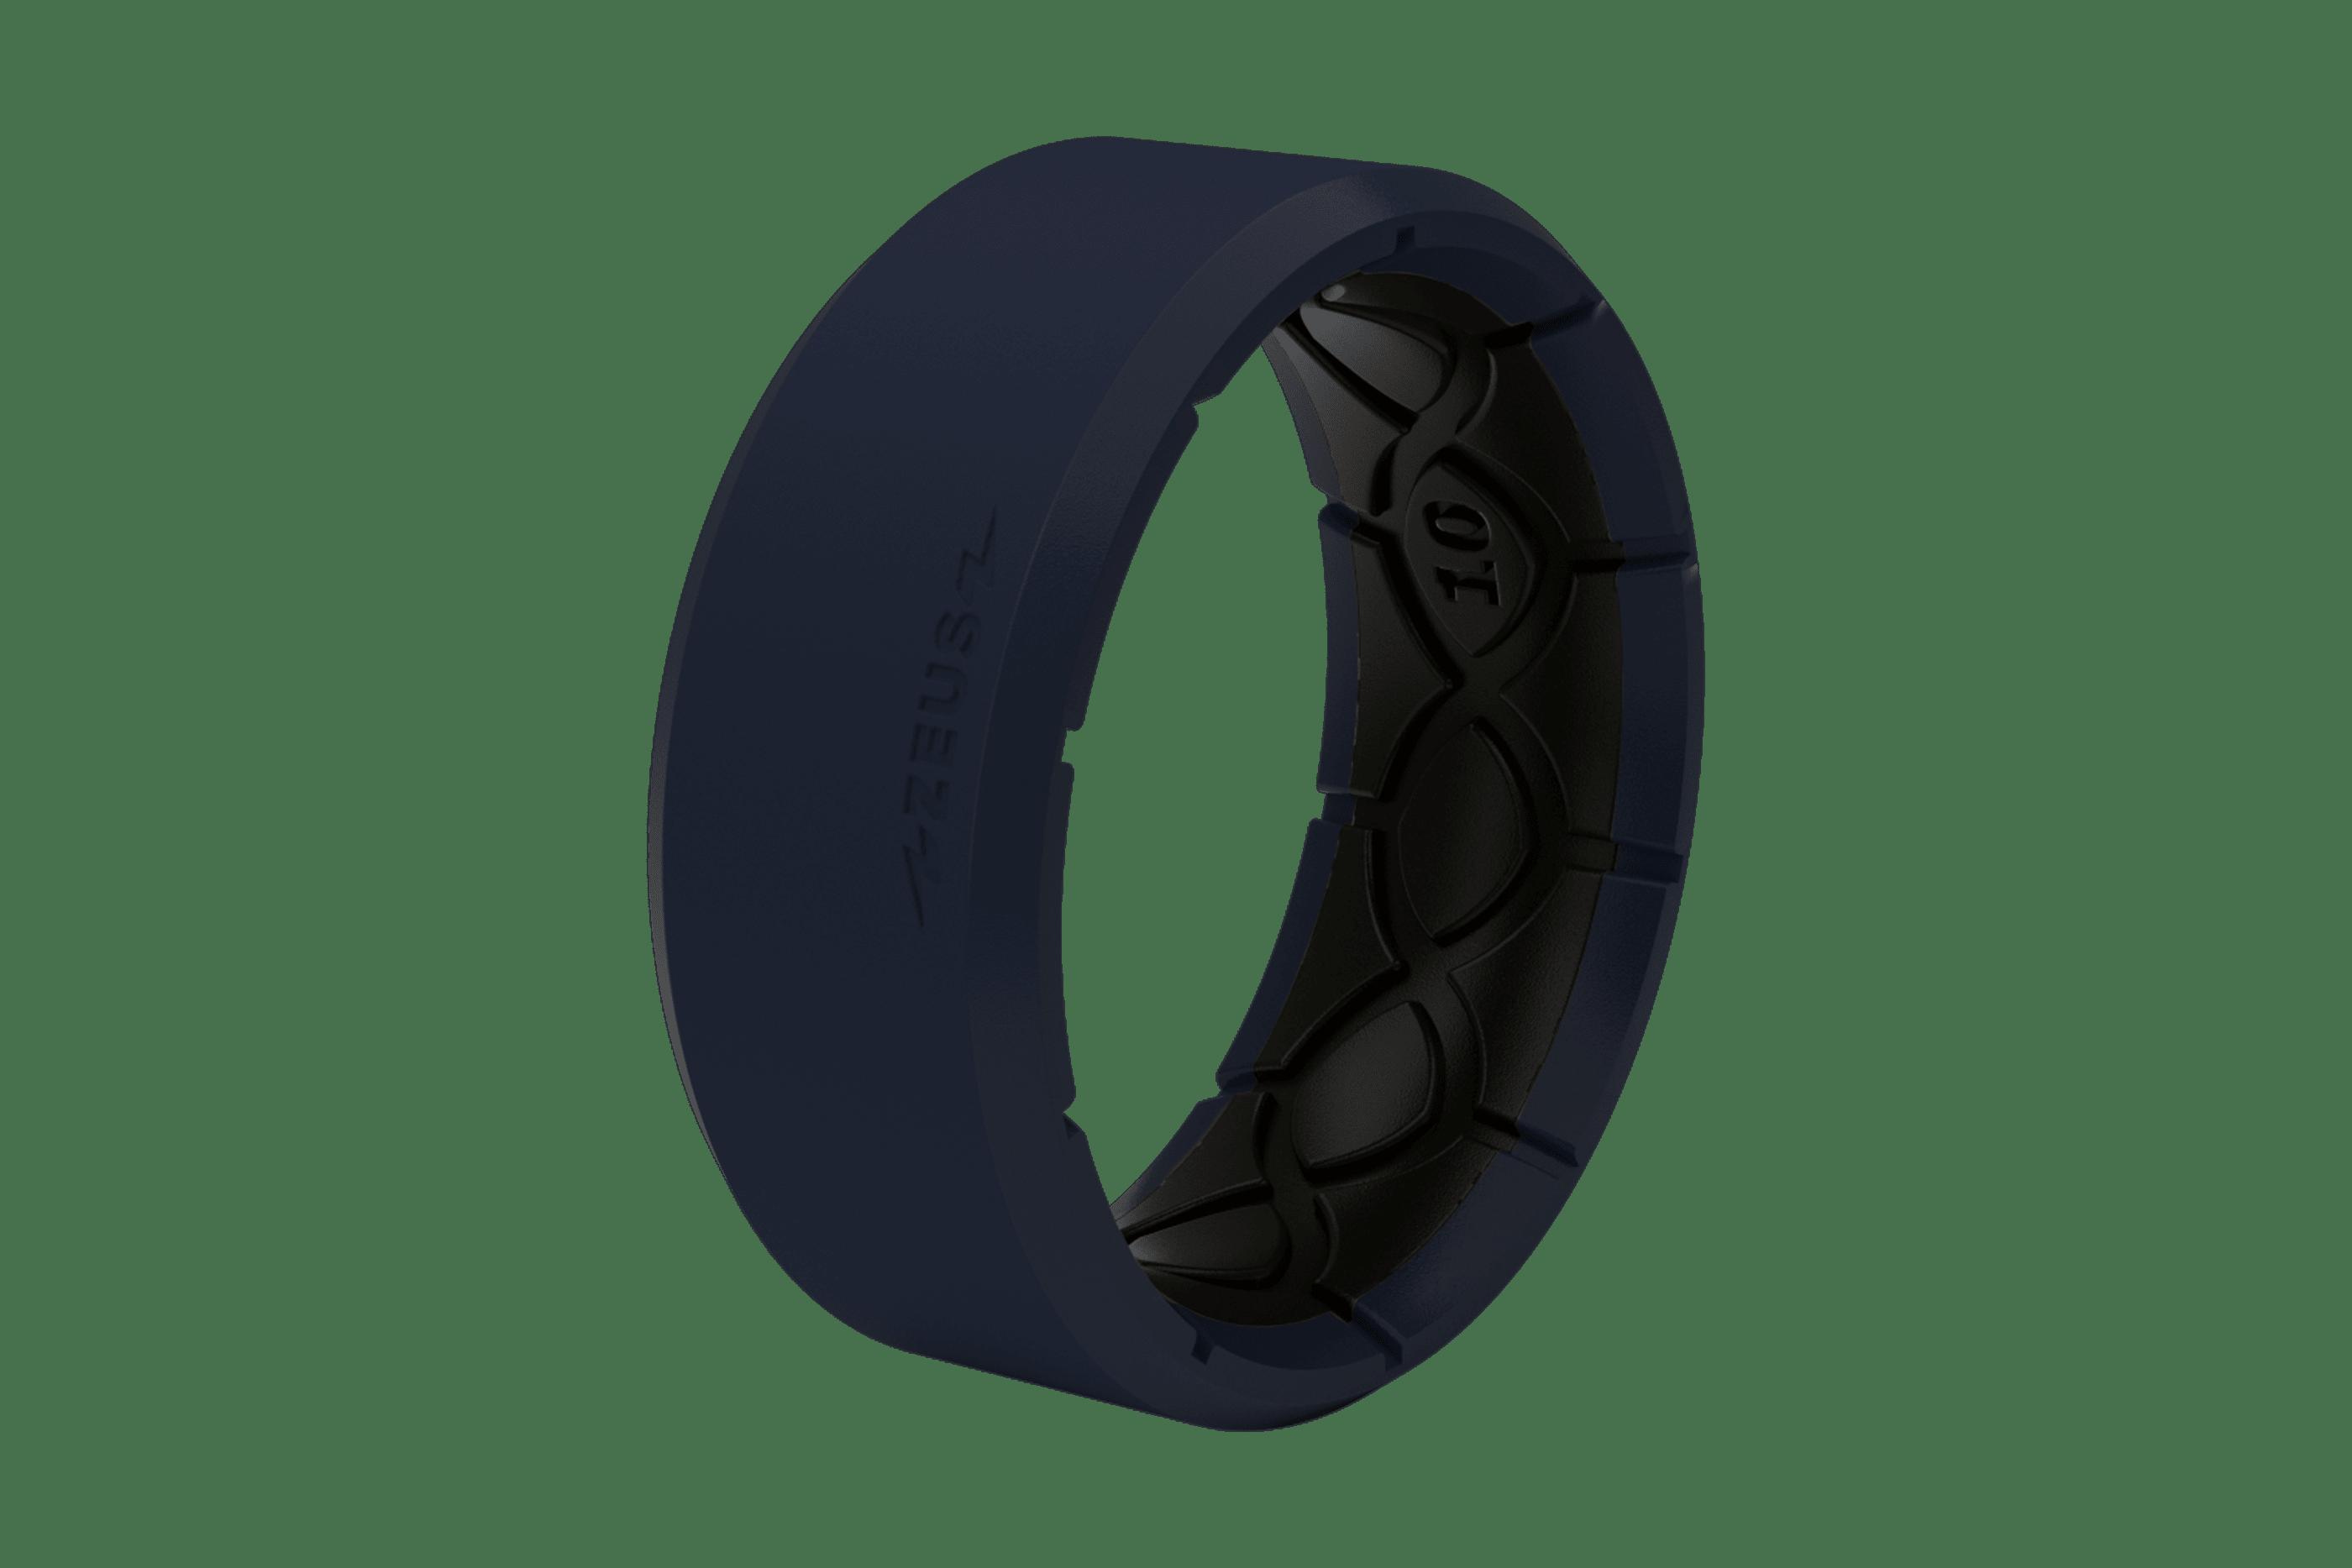 Zeus Edge Navy/Black - Groove Life Silicone Wedding Rings